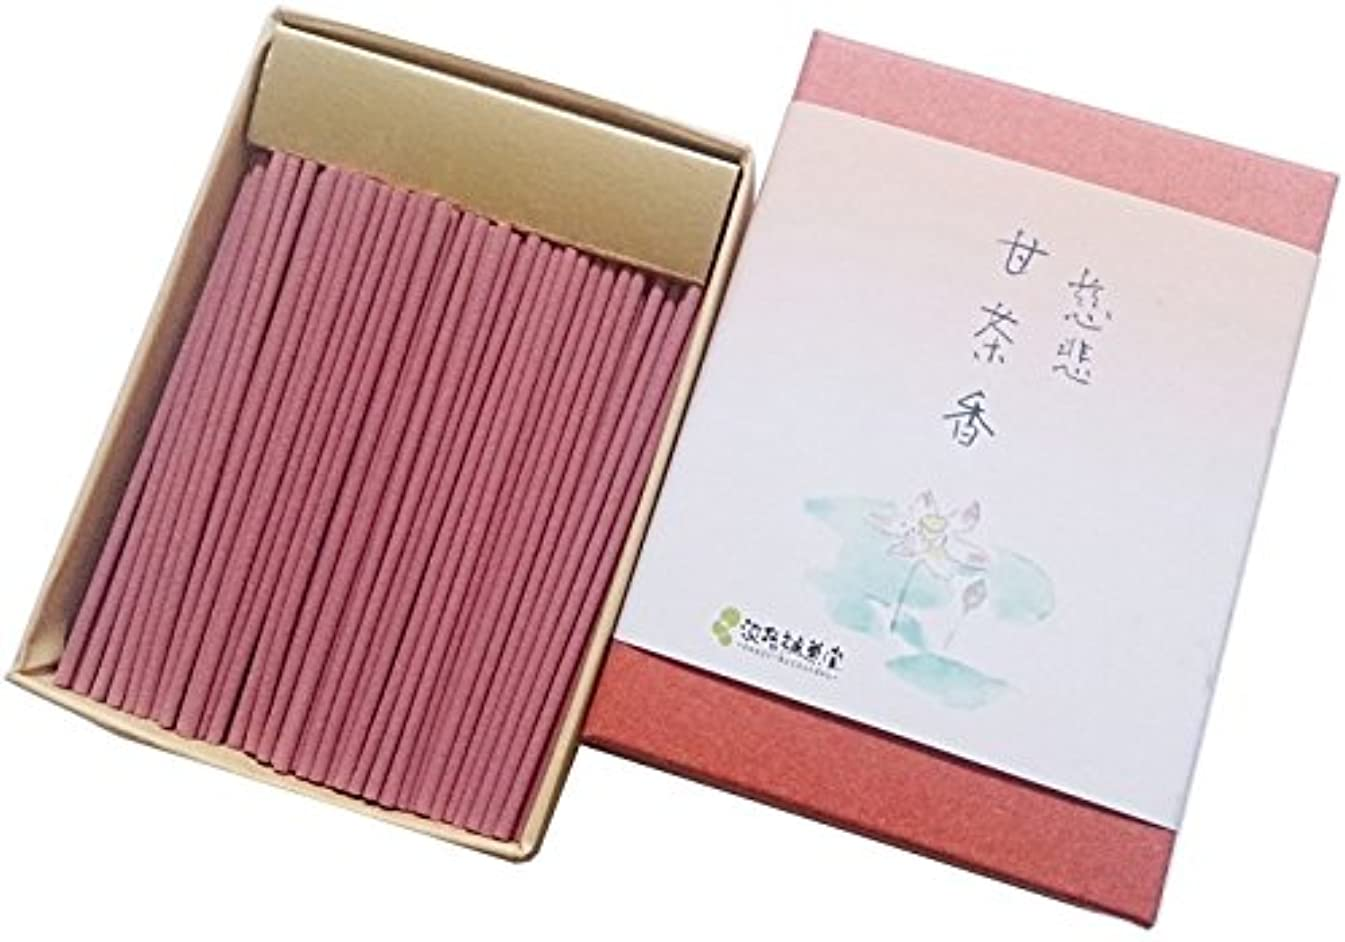 電圧ボイコット無知淡路梅薫堂のお香 慈悲甘茶香60g #44 ミニ寸 いい香り いい匂い 短寸お線香